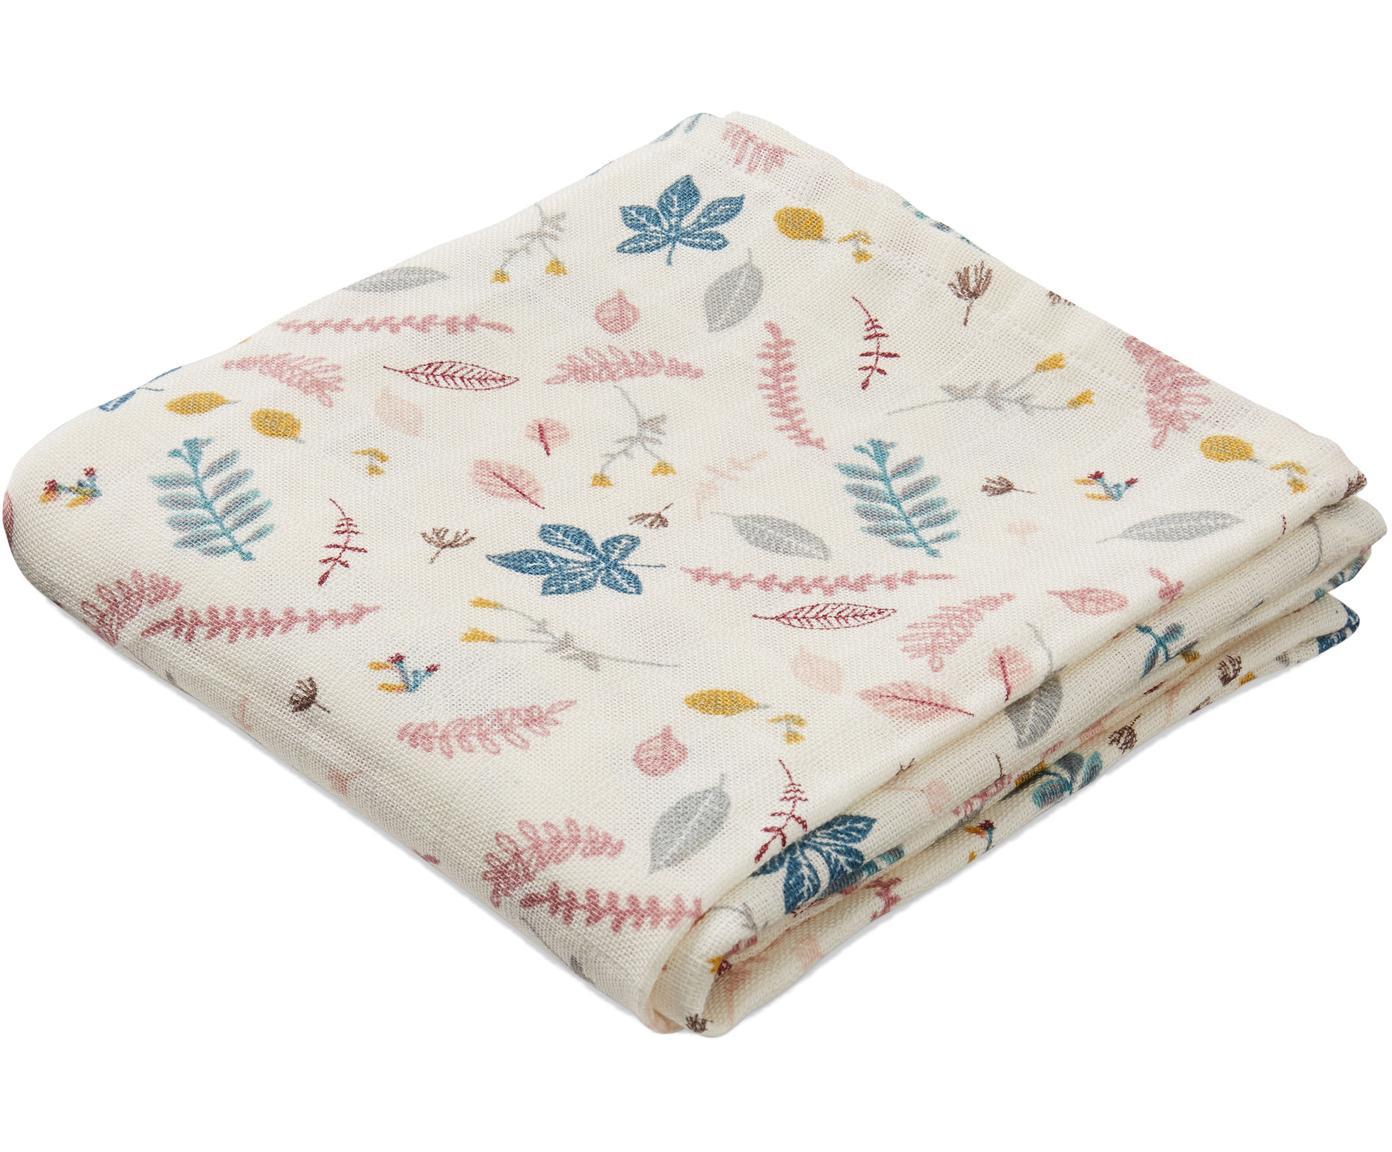 Hydrofiele doeken Pressed Leaves, 2 stuks, Organisch katoen, Crèmekleurig, roze, blauw, grijs, 70 x 70 cm